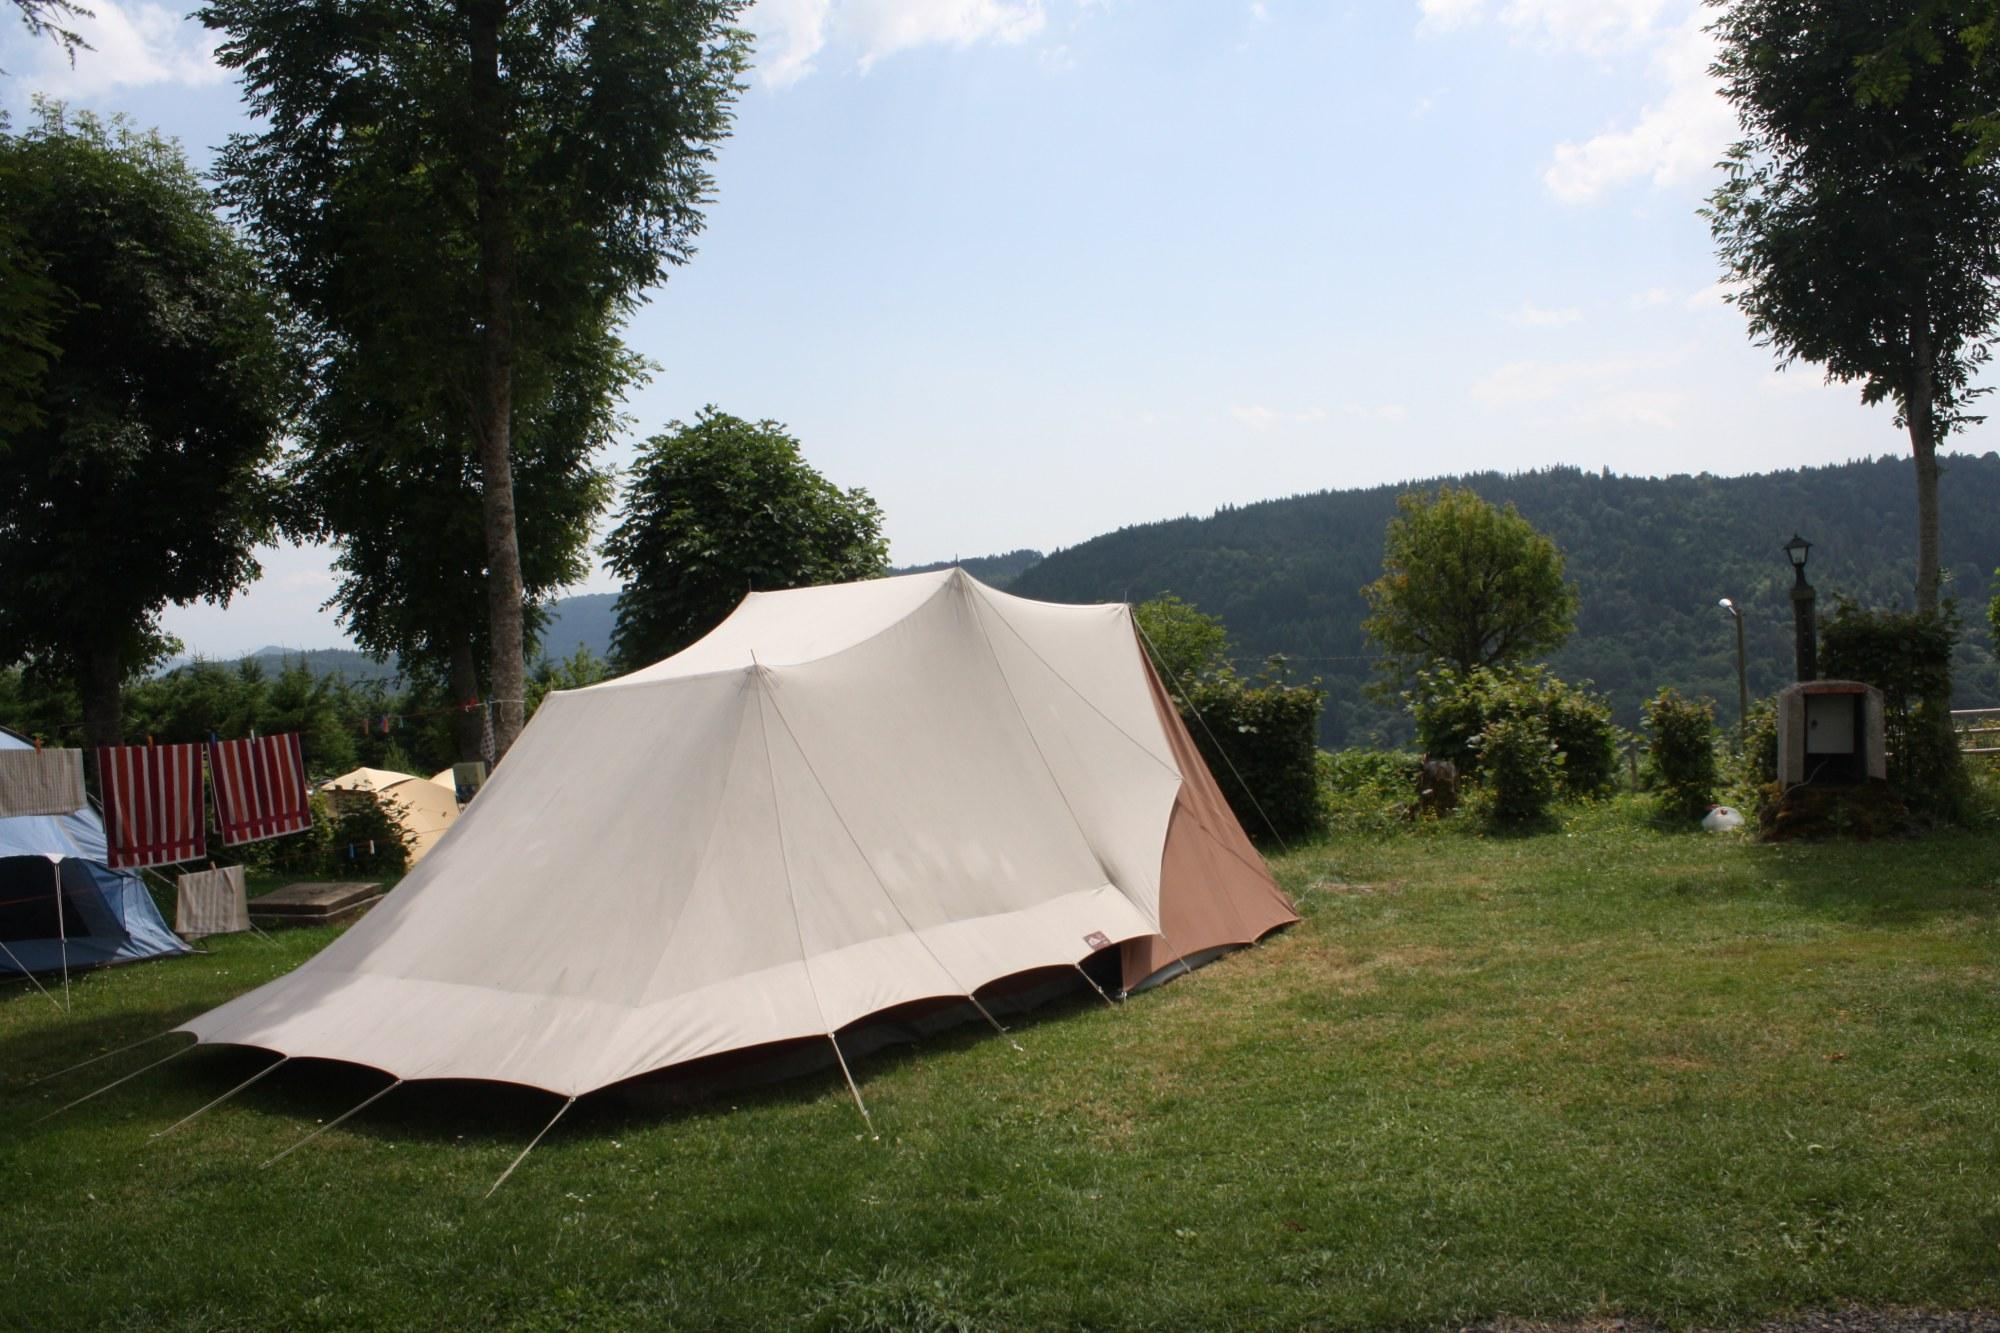 Trophée des professionnels 2017 pour l'emplacement privatif et soigné décerné par Camping qualité au Camping de Serrette